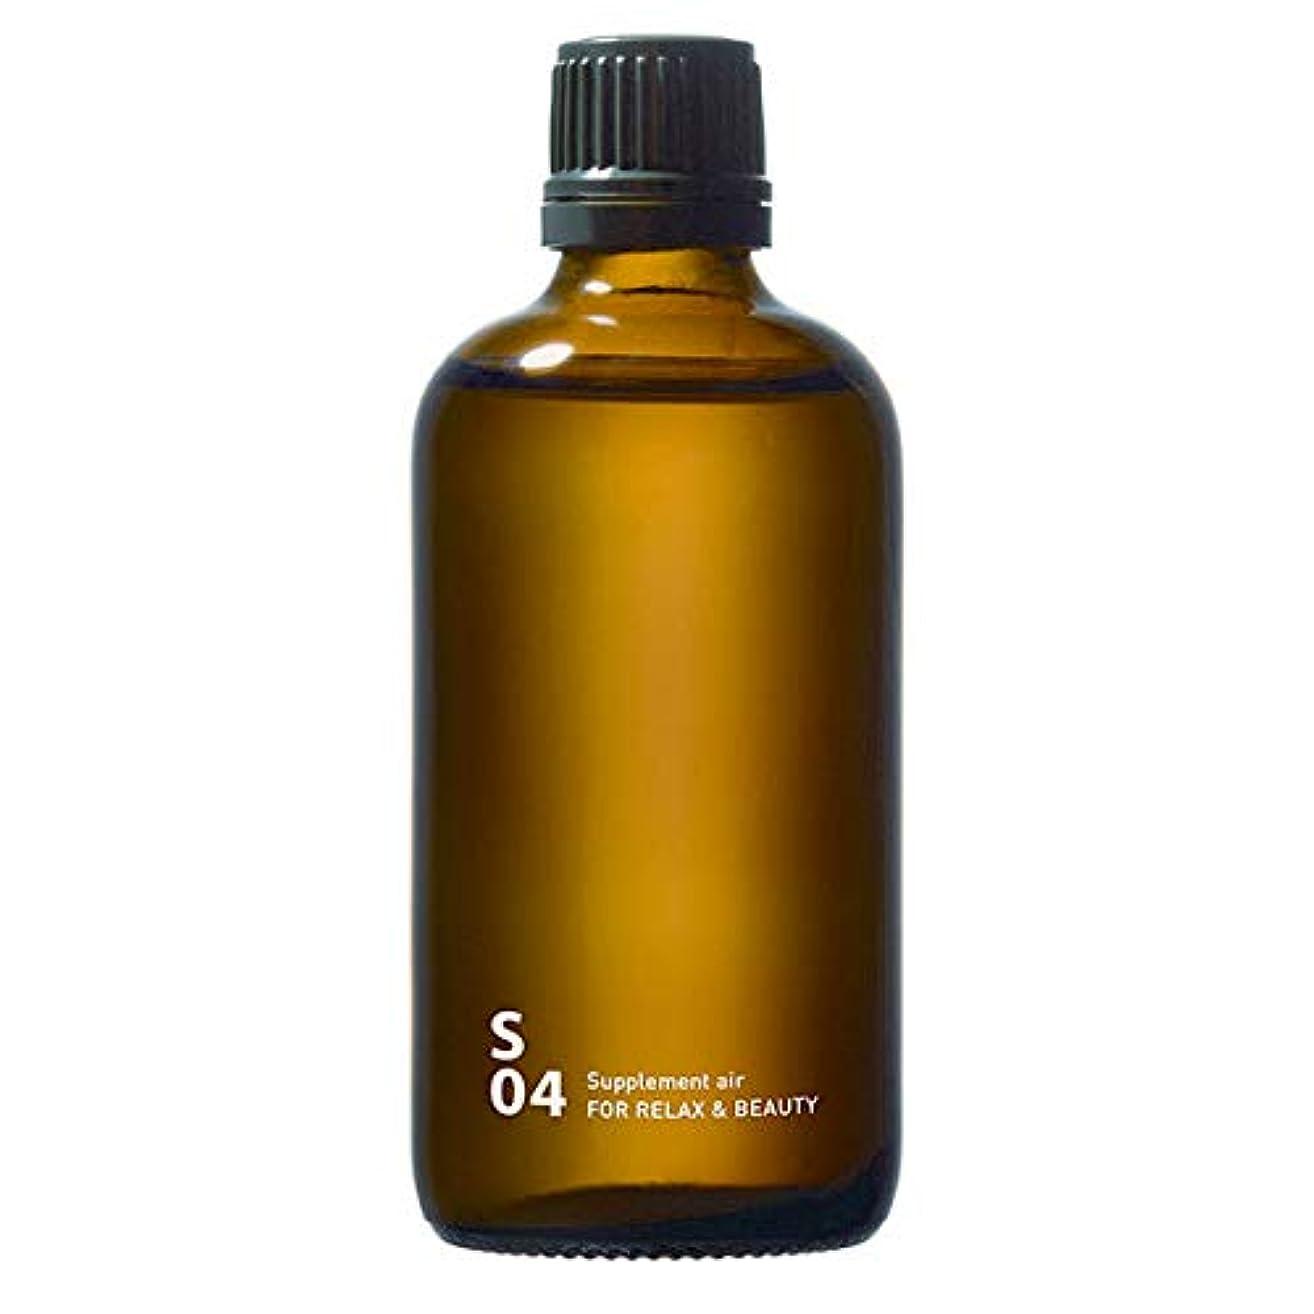 ジョットディボンドン待って慣性S04 FOR RELAX & BEAUTY piezo aroma oil 100ml